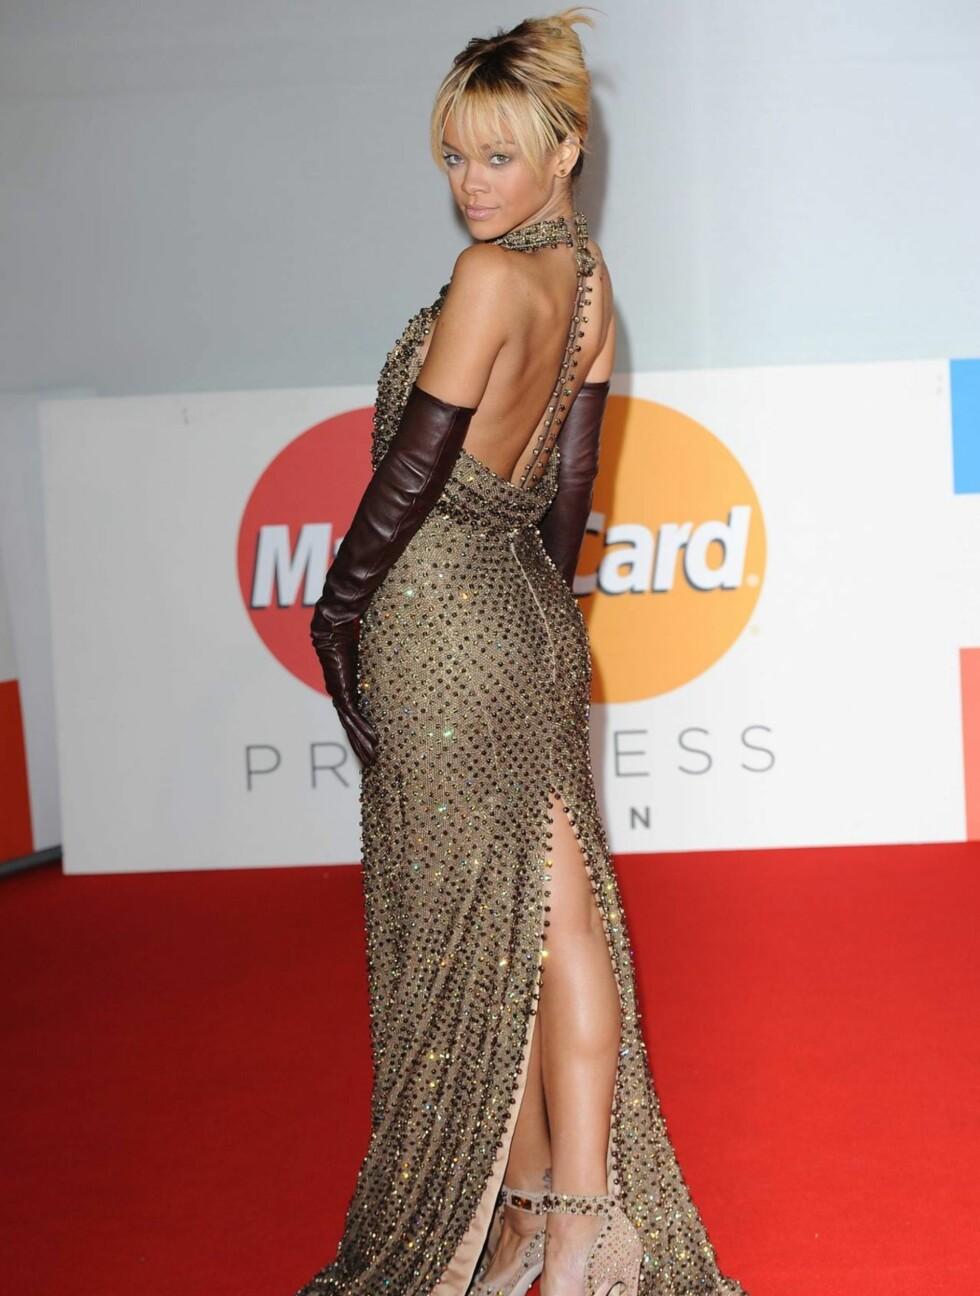 <strong>ÅPEN RYGG:</strong> Rihanna viste frem sine flotte bein og sexy rygg i den frekke kjolen.  Foto: All Over Press